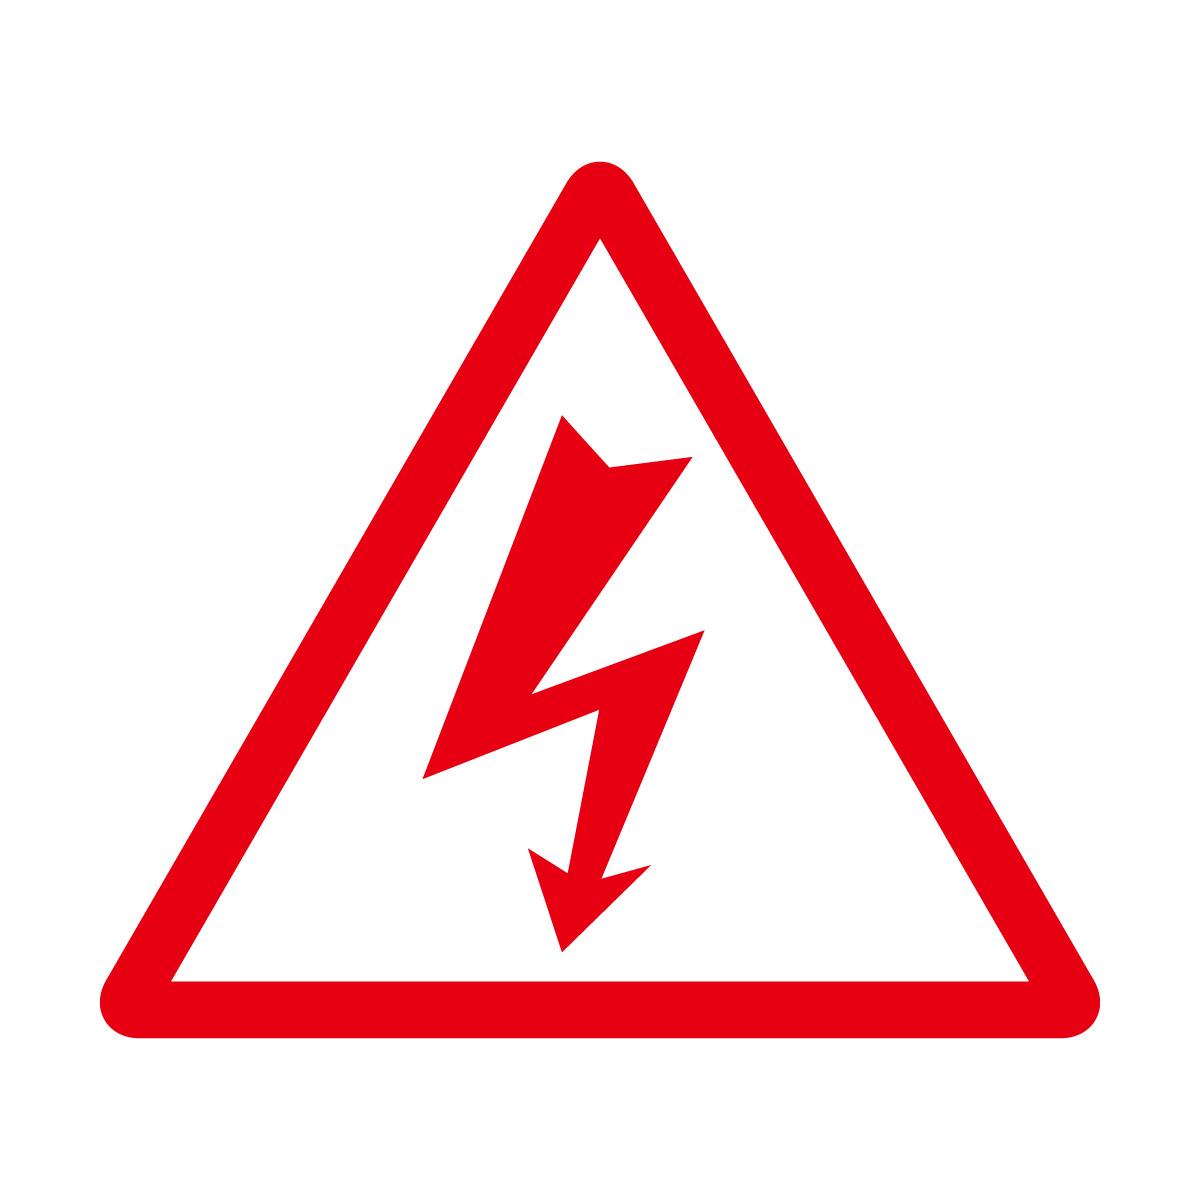 赤色の感電・高圧電気注意マークのカッティングステッカー・シール 光沢タイプ・防水・耐水・屋外耐候3~4年